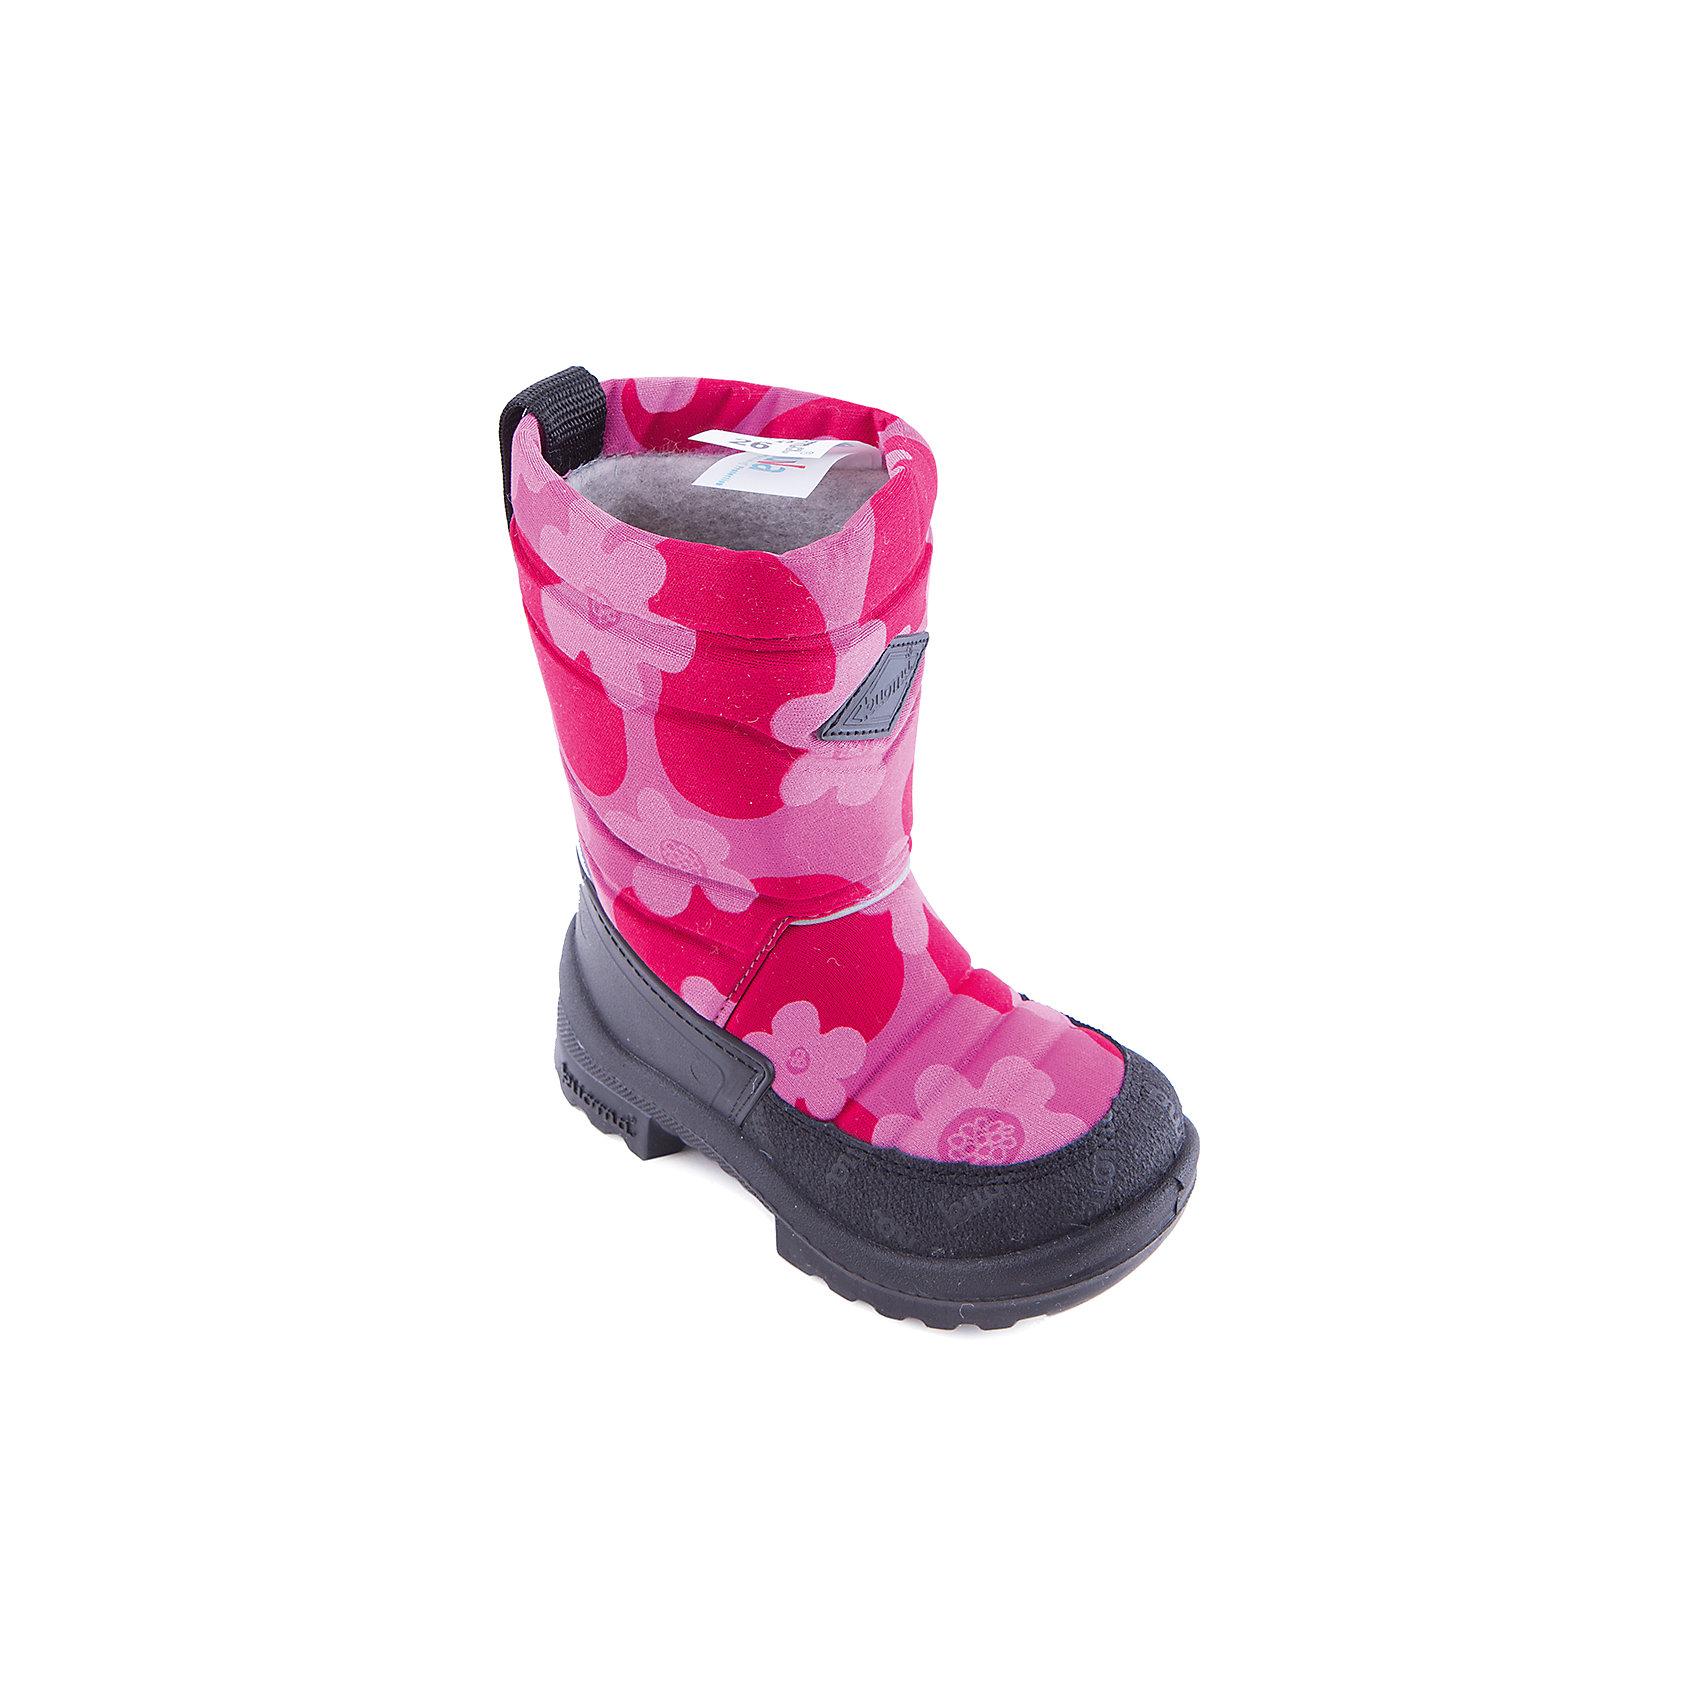 Зимние сапоги для девочки KUOMAЗимние сапоги PUTKIVARSI от известного финского бренда kuoma® (Куома) исключительно теплые и очень удобные. Все изделия имеют крепкую амортизирующую подошву, которая «работает» даже в холодных зимних условиях. Кроме того, обувь снабжена сменными стельками и светоотражающими полосками в целях повышения безопасности. Матерчатый верх обуви проходят специальную противогрязевую и влагоотталкивающую обработку. Обувь kuoma® (Куома) подходит даже для самых холодных зим.     <br><br>Температурный режим: от - 5°C до - 30°C.<br><br>Состав:<br>Верх - триплированный, износостойкий, влагостойкий материал, стелька - иск/войлок, подошва - износостойкая, гибкая из полиуритана.Состав: <br>Материал верха: Полиамид с пропиткой.<br><br>Ширина мм: 257<br>Глубина мм: 180<br>Высота мм: 130<br>Вес г: 420<br>Цвет: розовый<br>Возраст от месяцев: 18<br>Возраст до месяцев: 21<br>Пол: Женский<br>Возраст: Детский<br>Размер: 38,32,35,31,34,33,39,23,30,24,26,28,29,25,27,21,37,22,36<br>SKU: 2518163